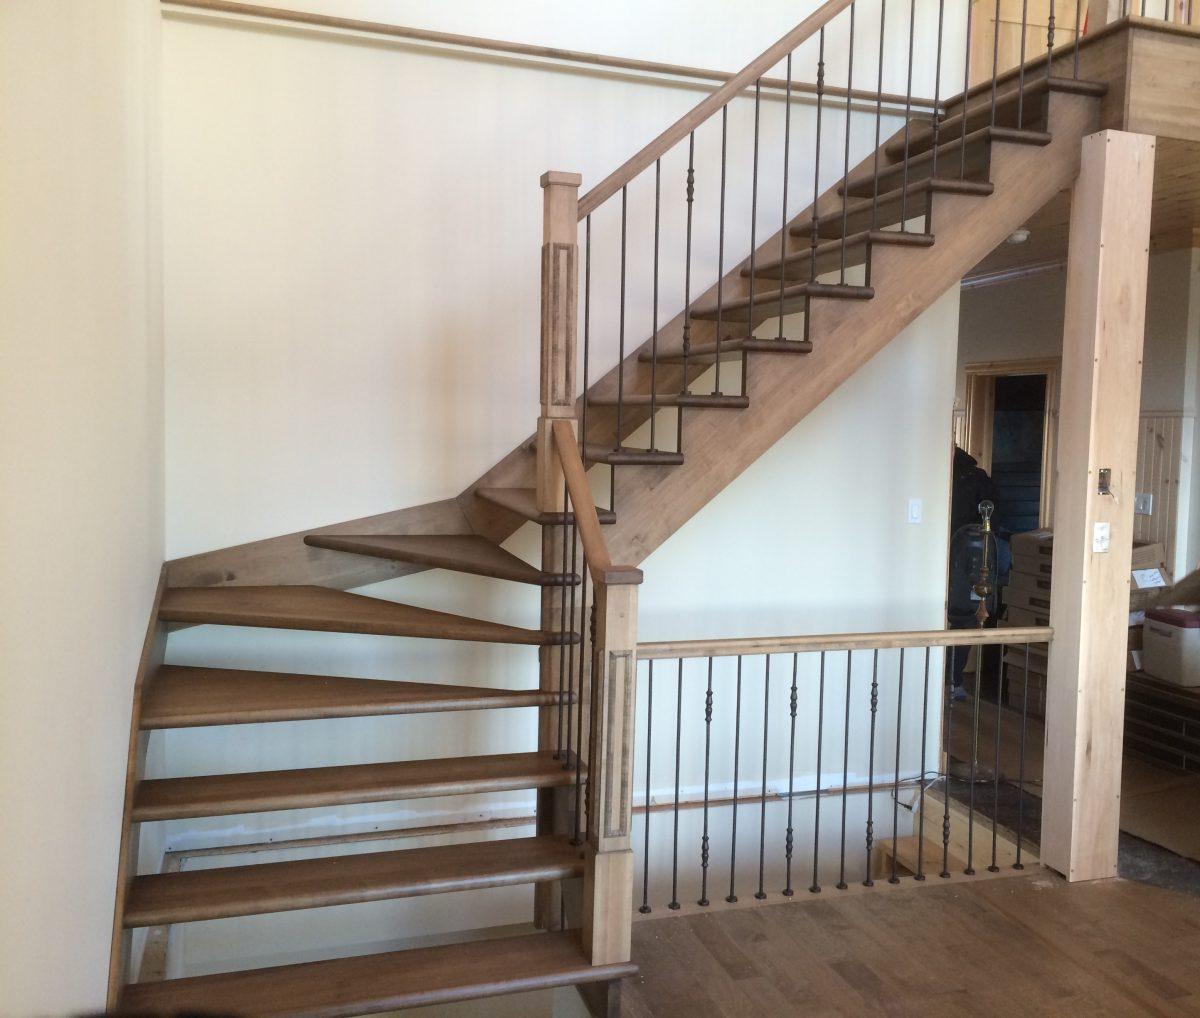 Escaliers 04 | Les Escaliers du Fjord